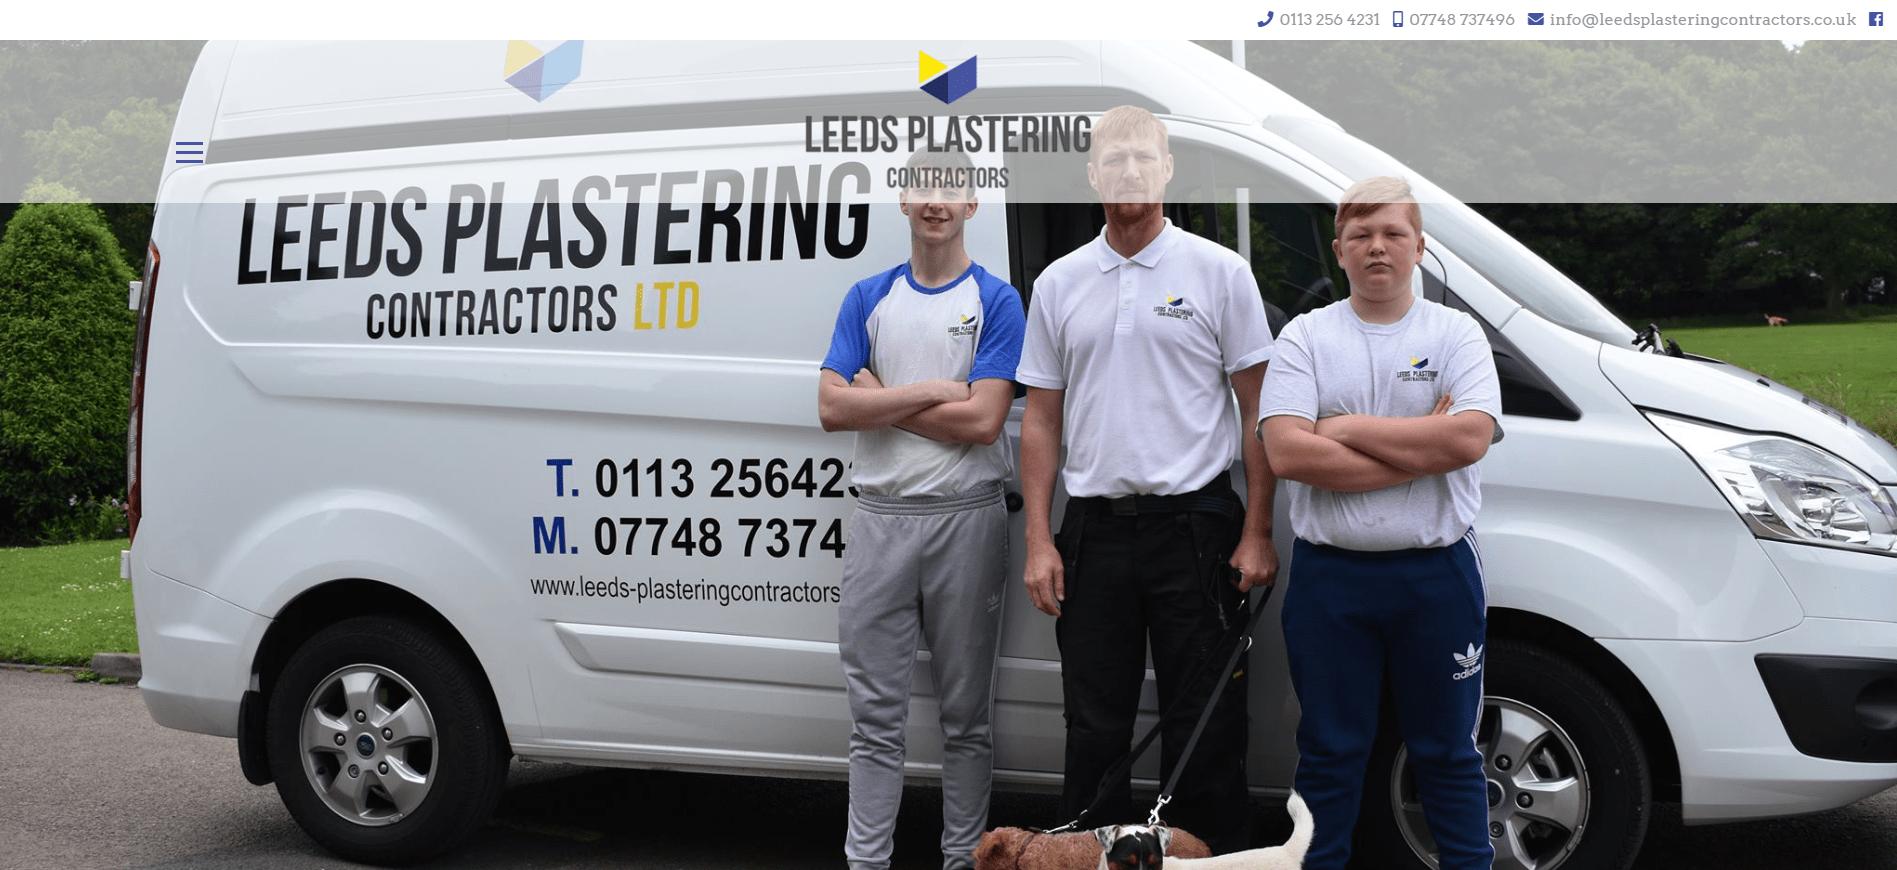 Leeds Plastering